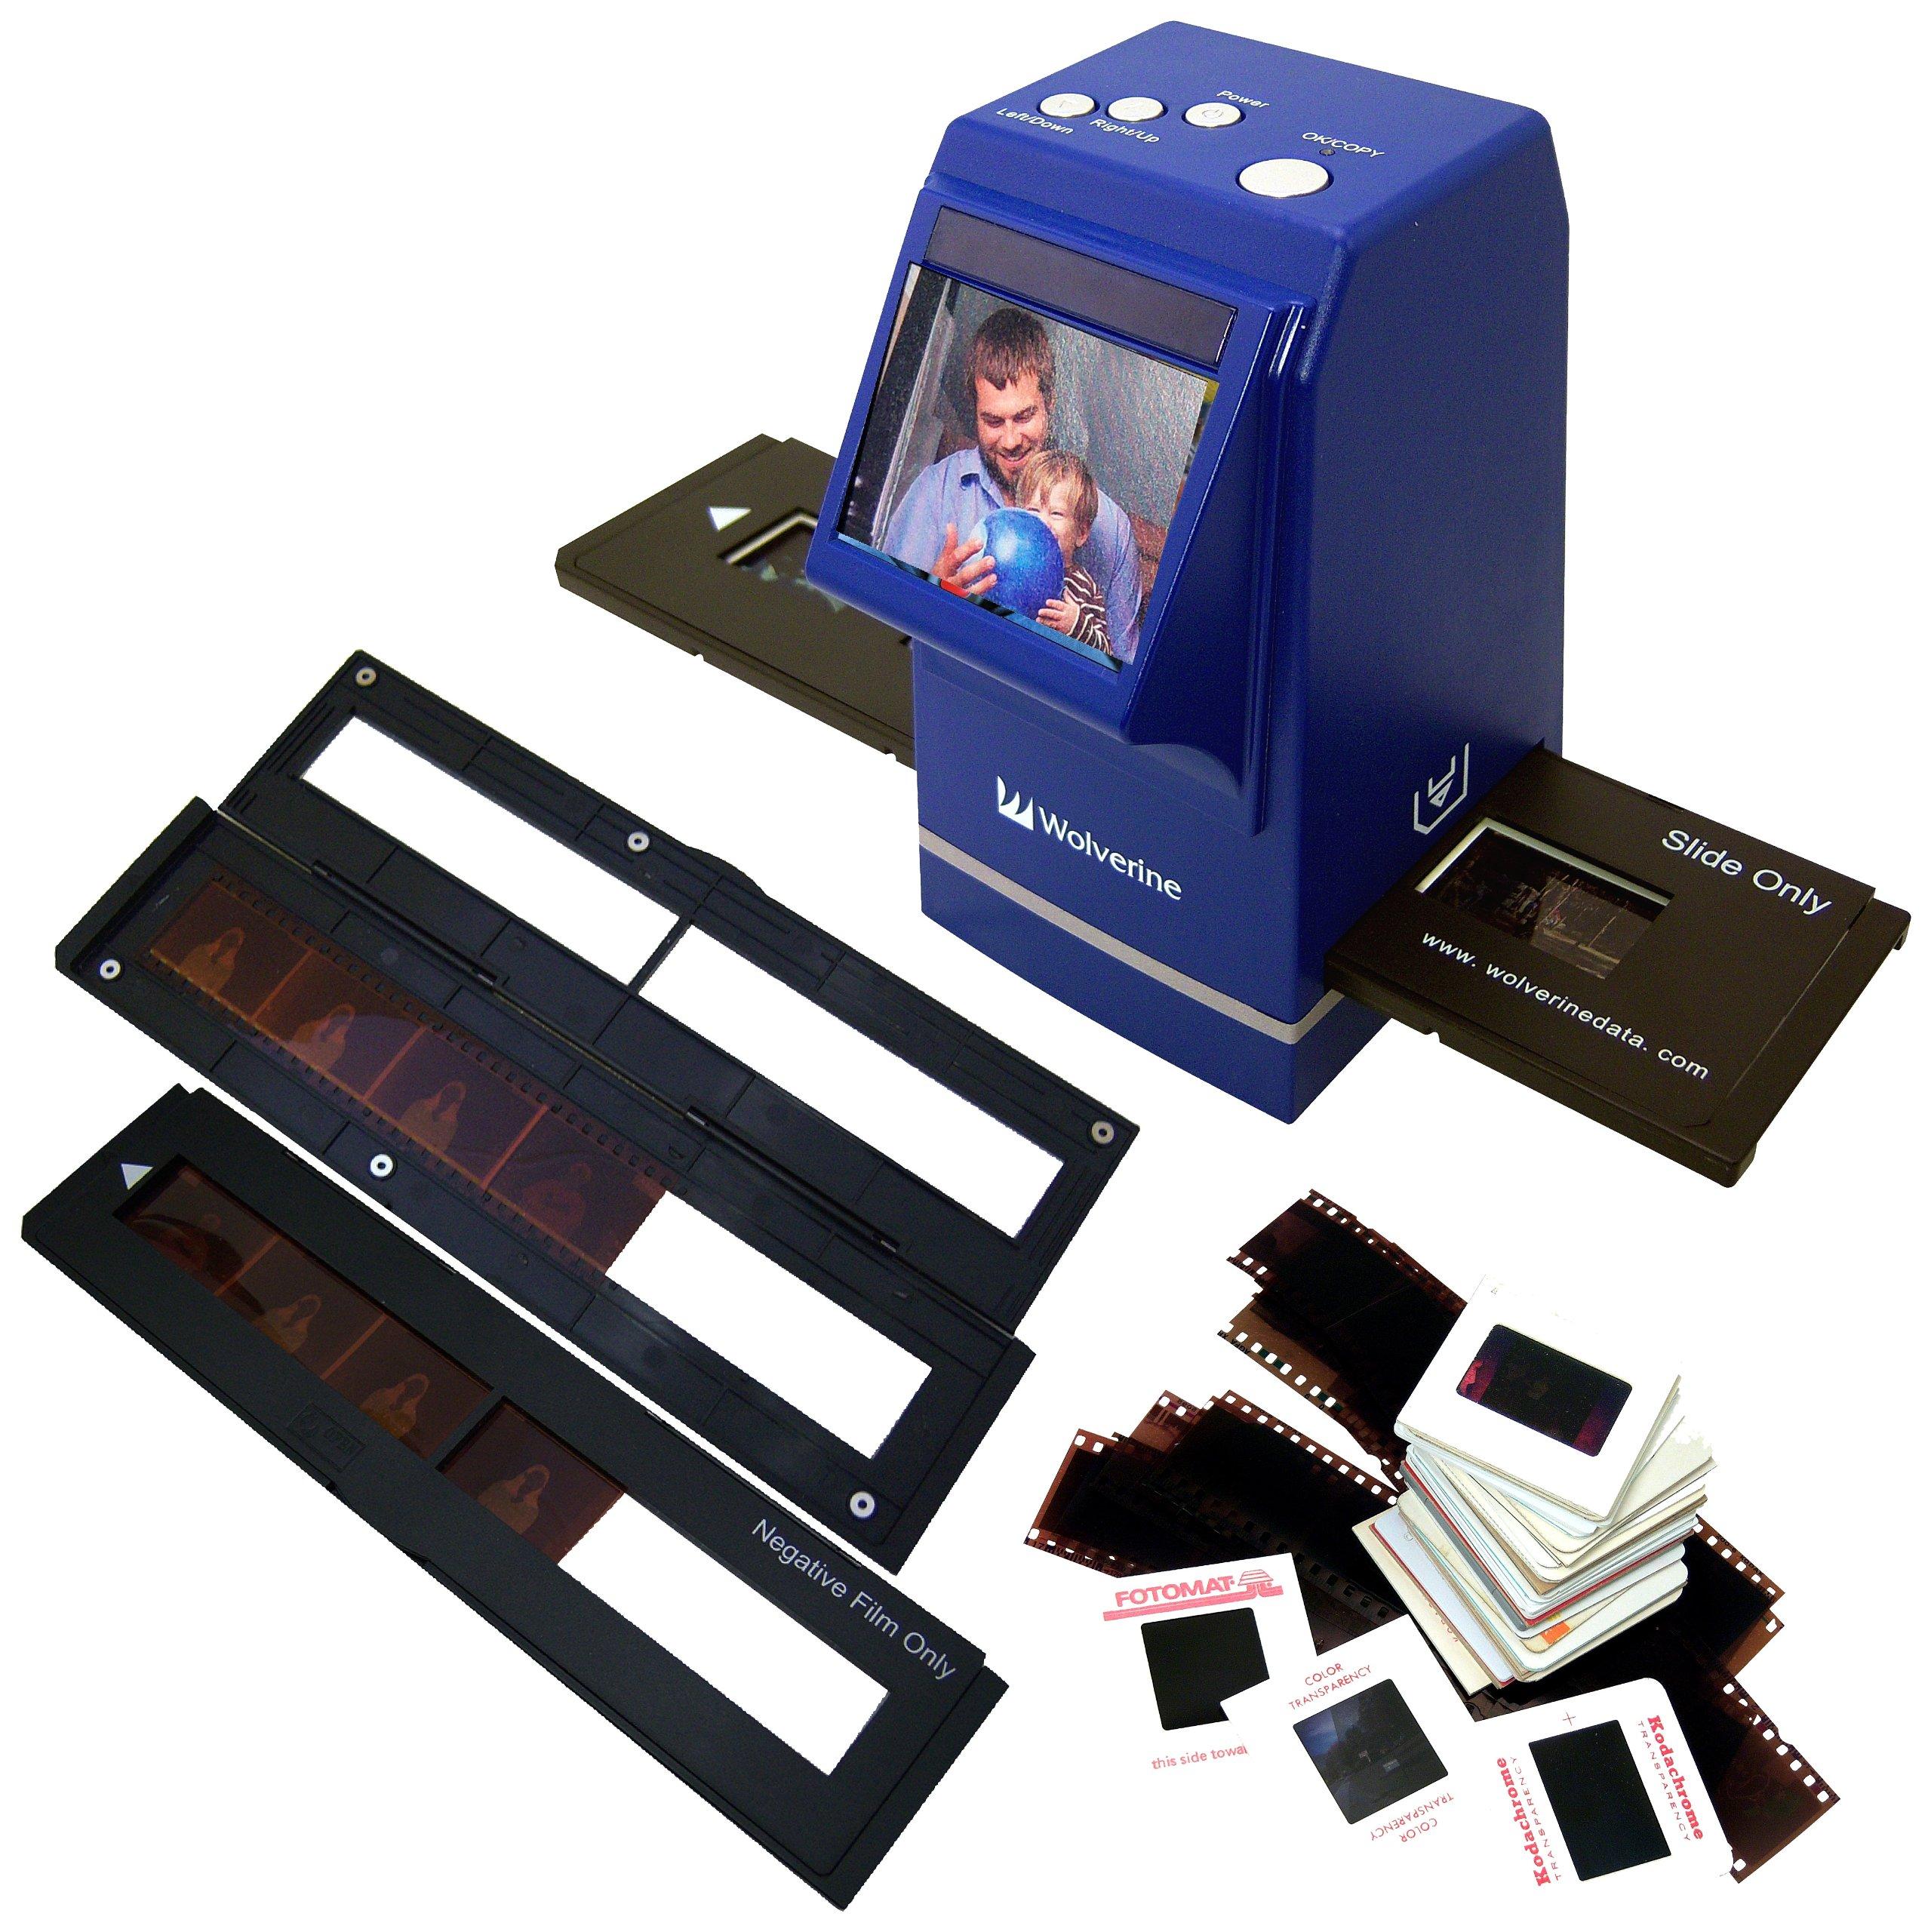 Wolverine F2D300 7.3MP 35mm Slides and Negatives to Digital Image Converter (Blue)